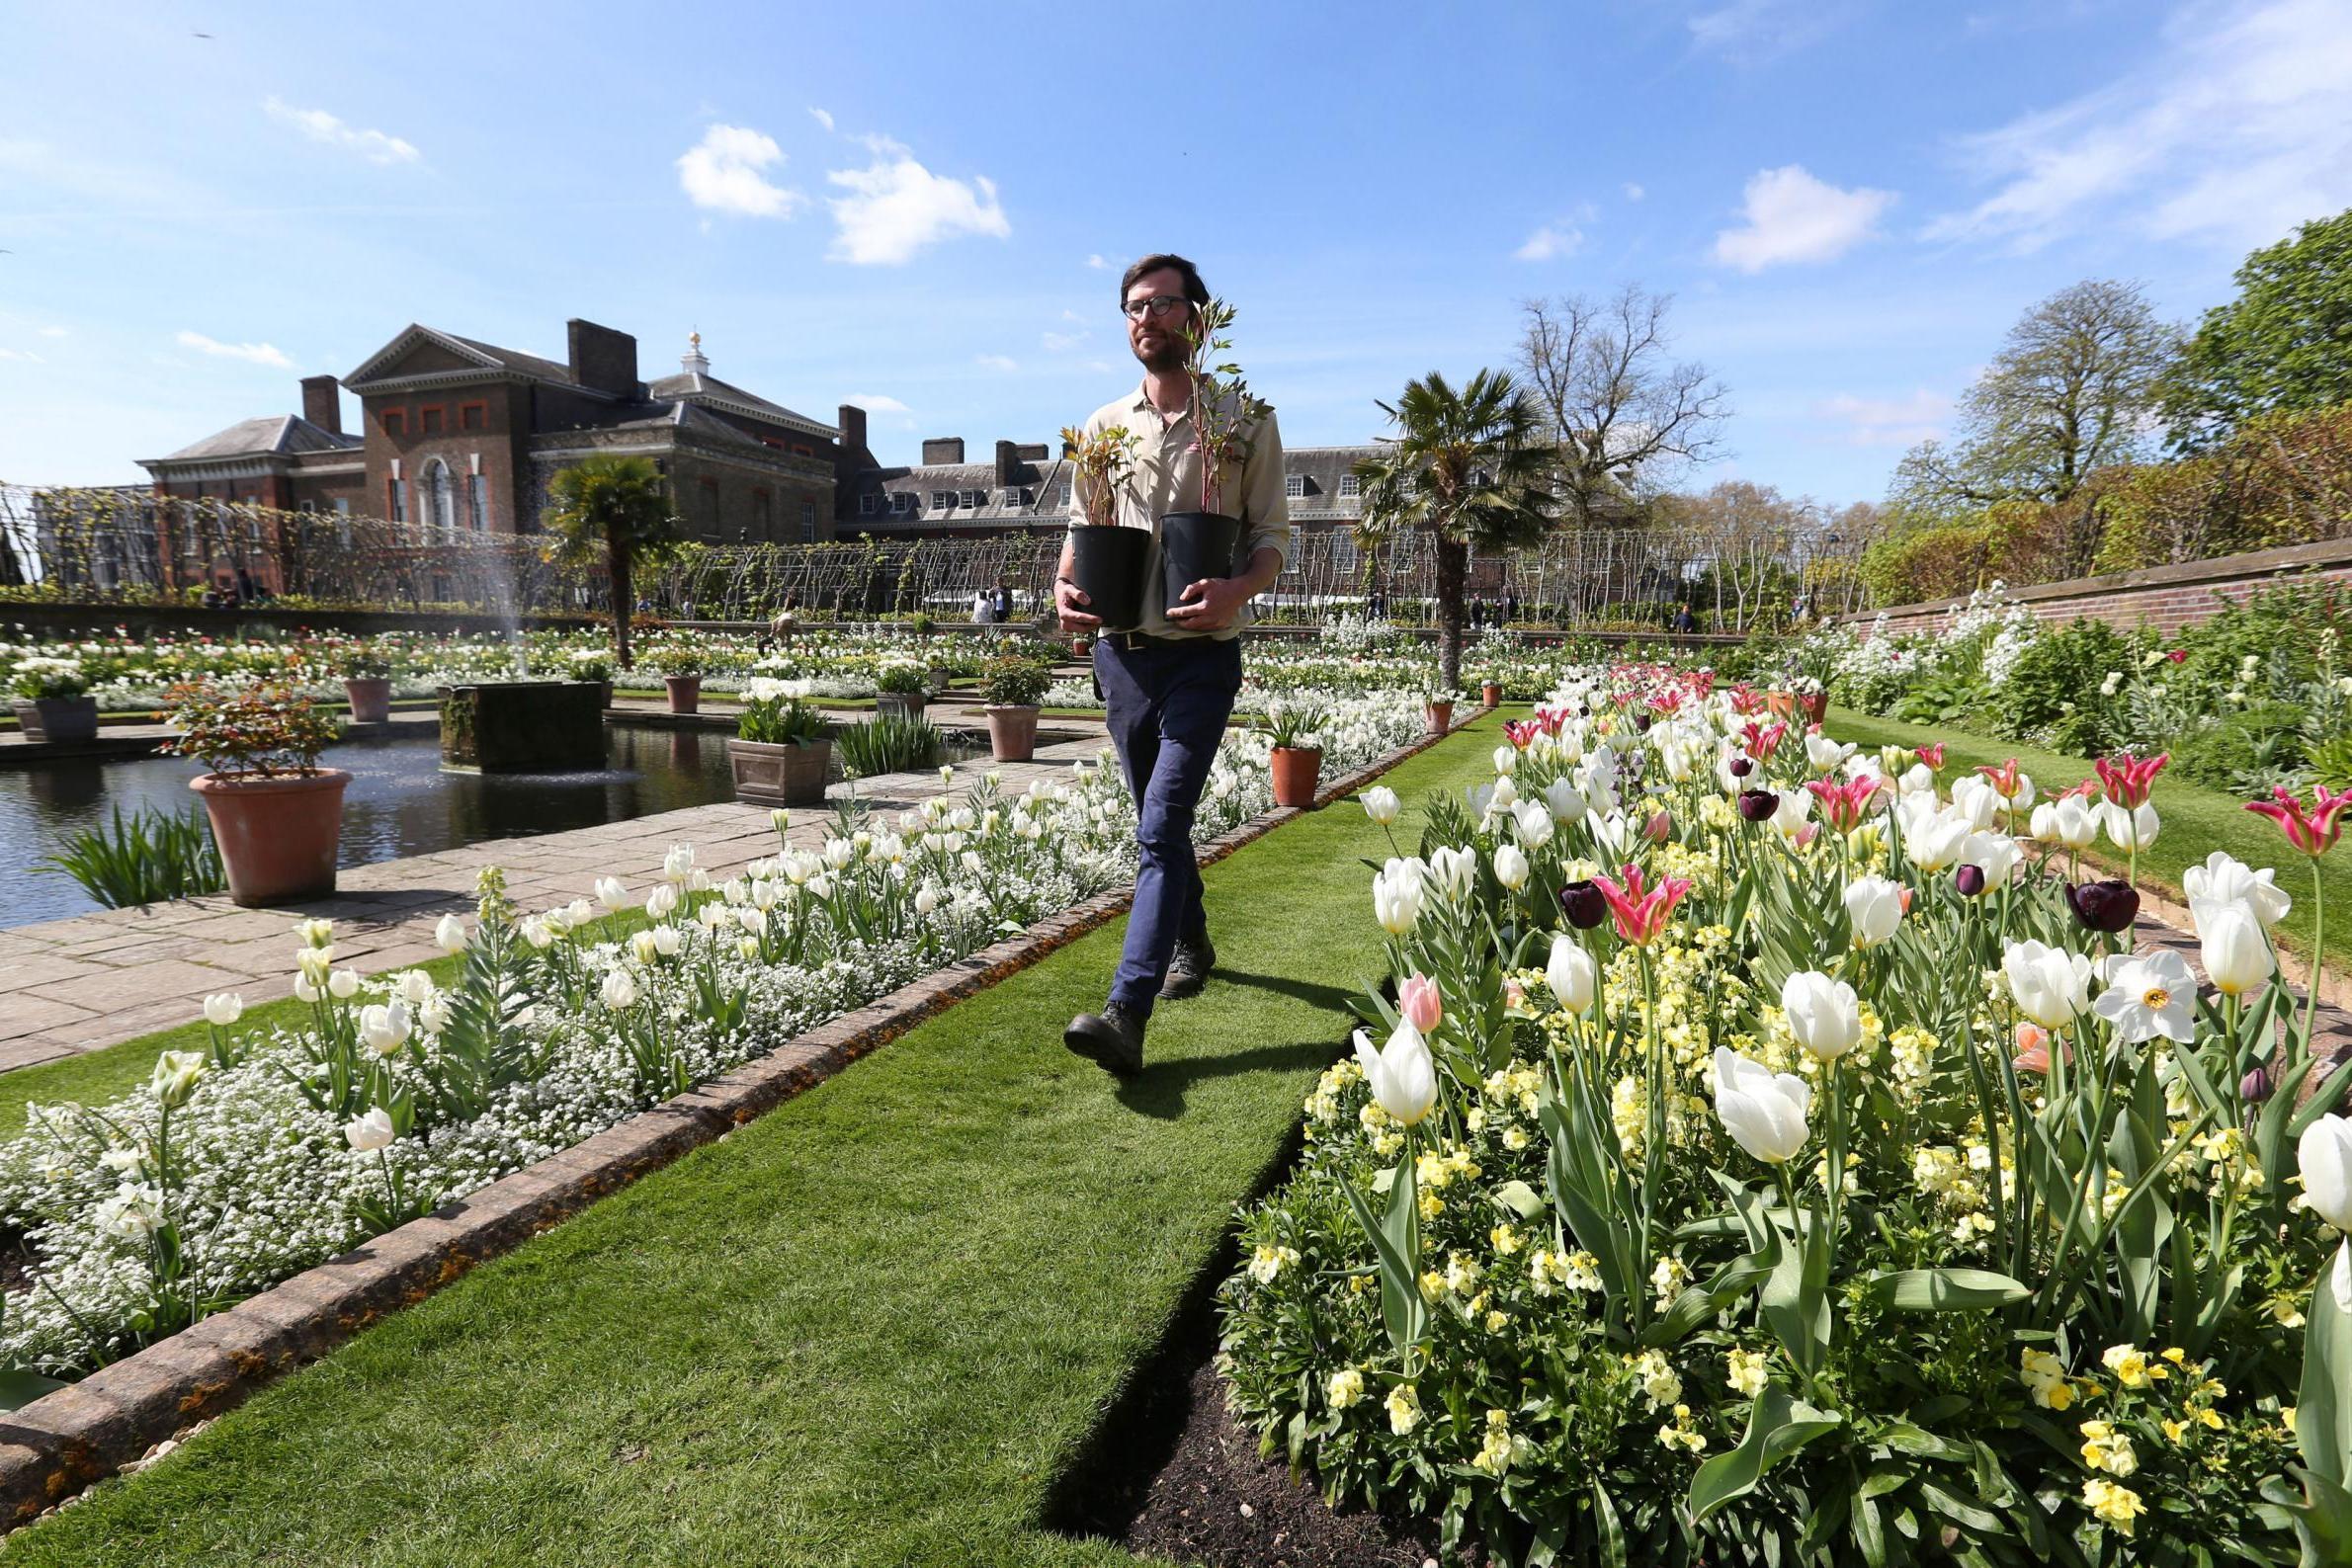 Princess Diana Memorial Garden Opened At Kensington Palace